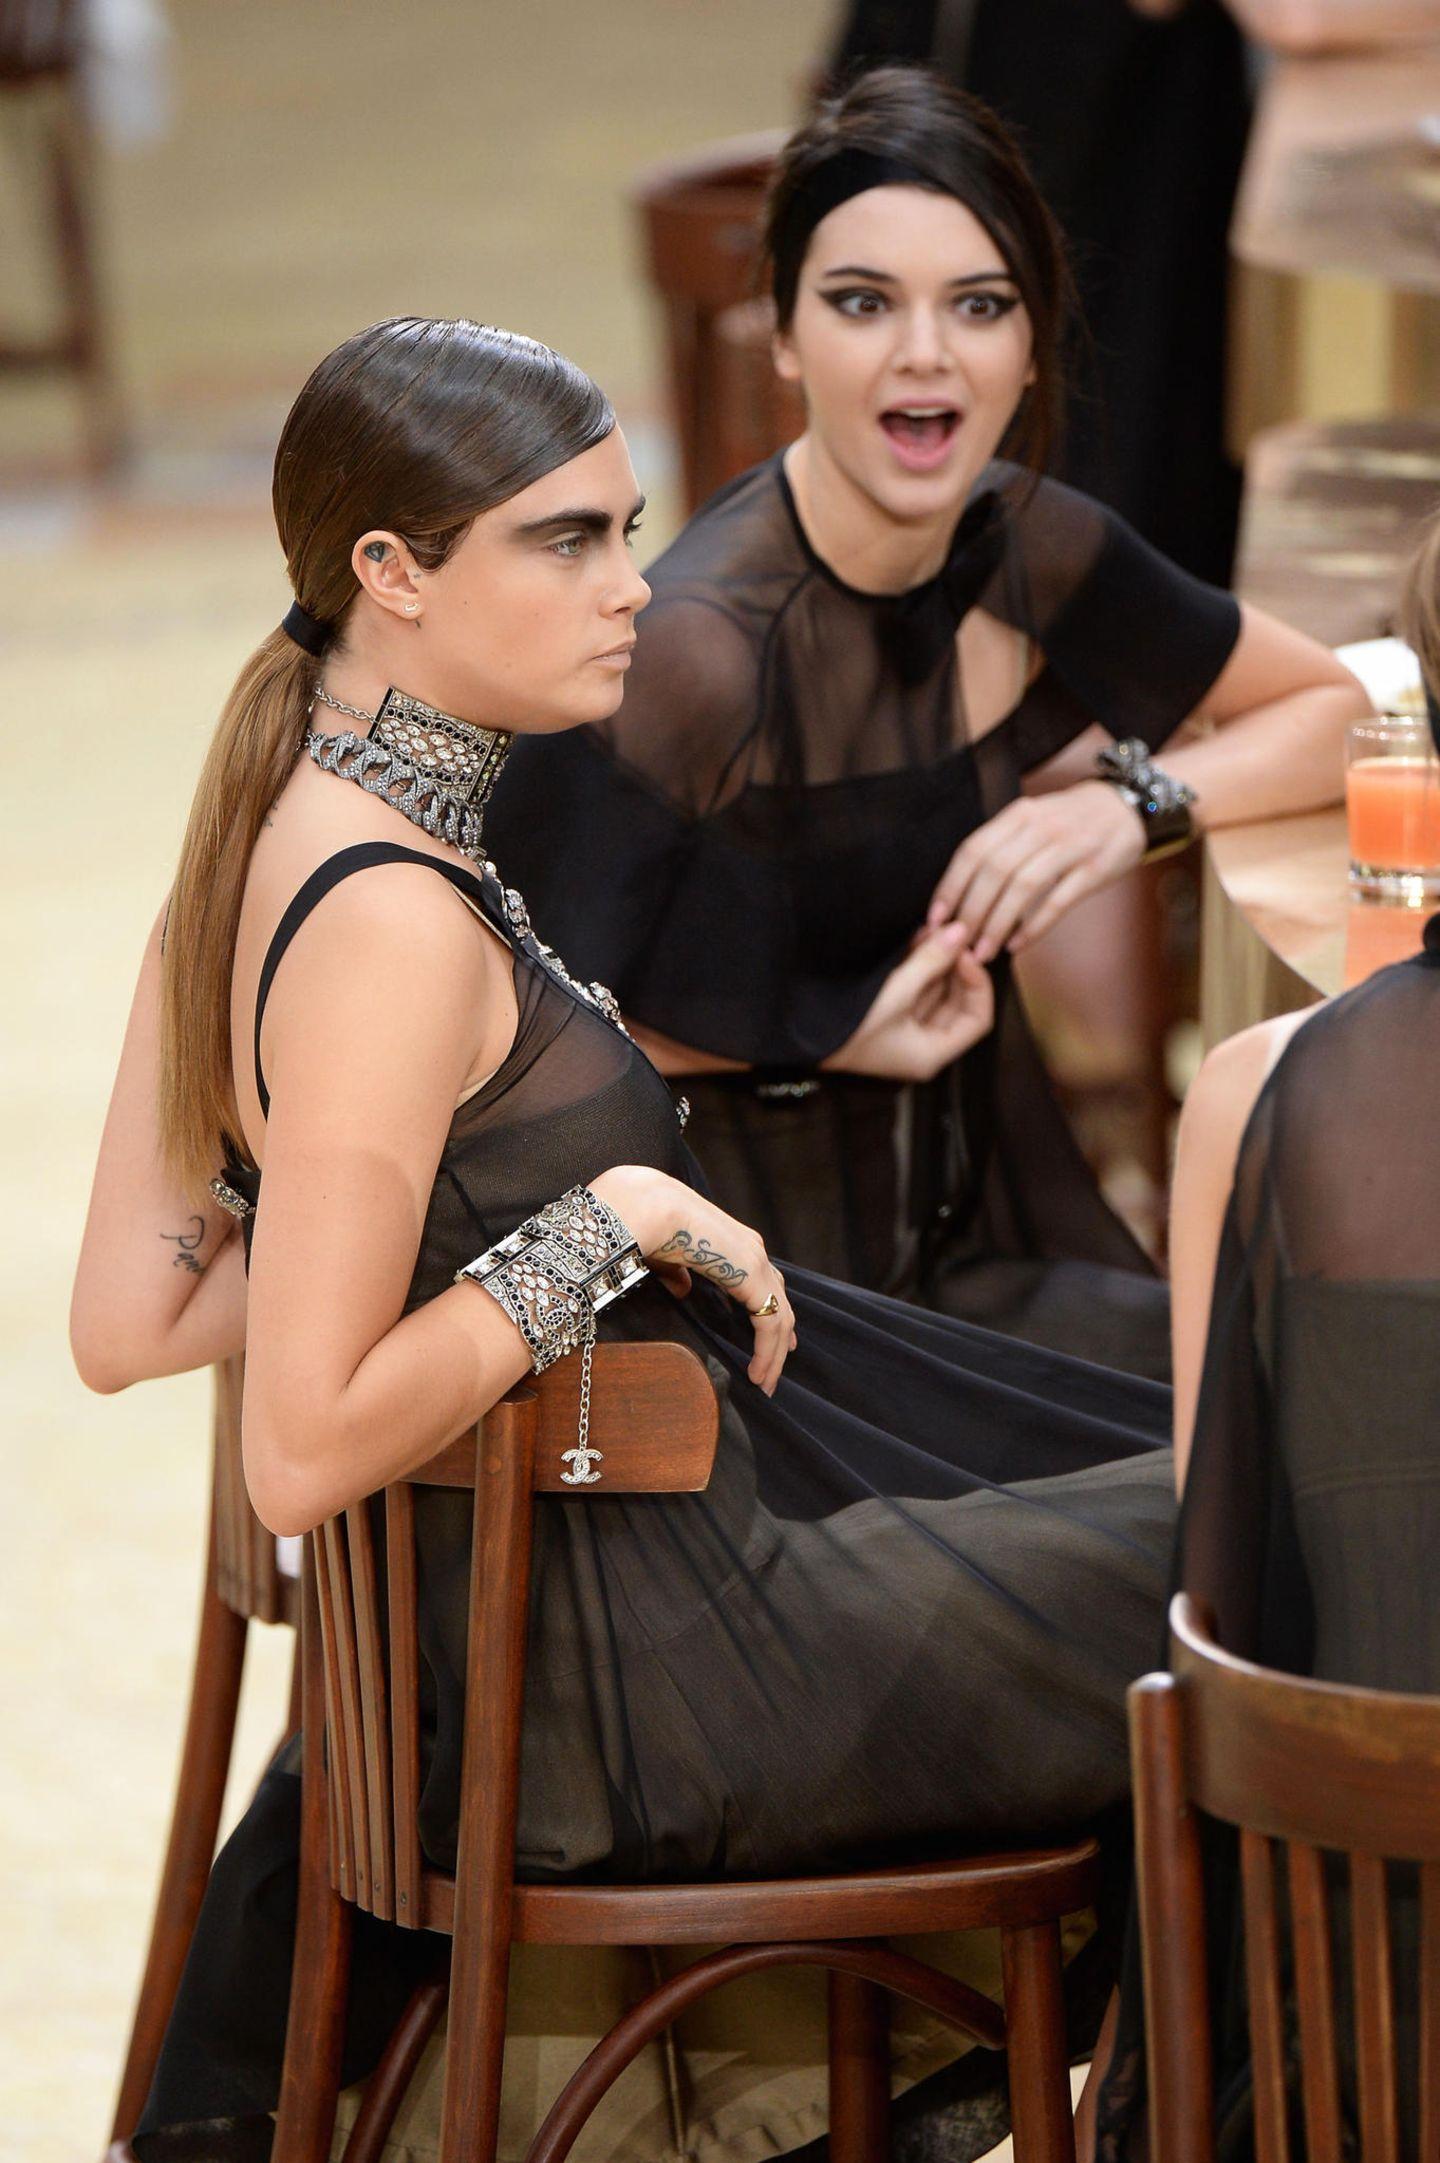 An der Bar amüsierten sich auch die Topmodels Cara Delevingne und Kendall Jenner.